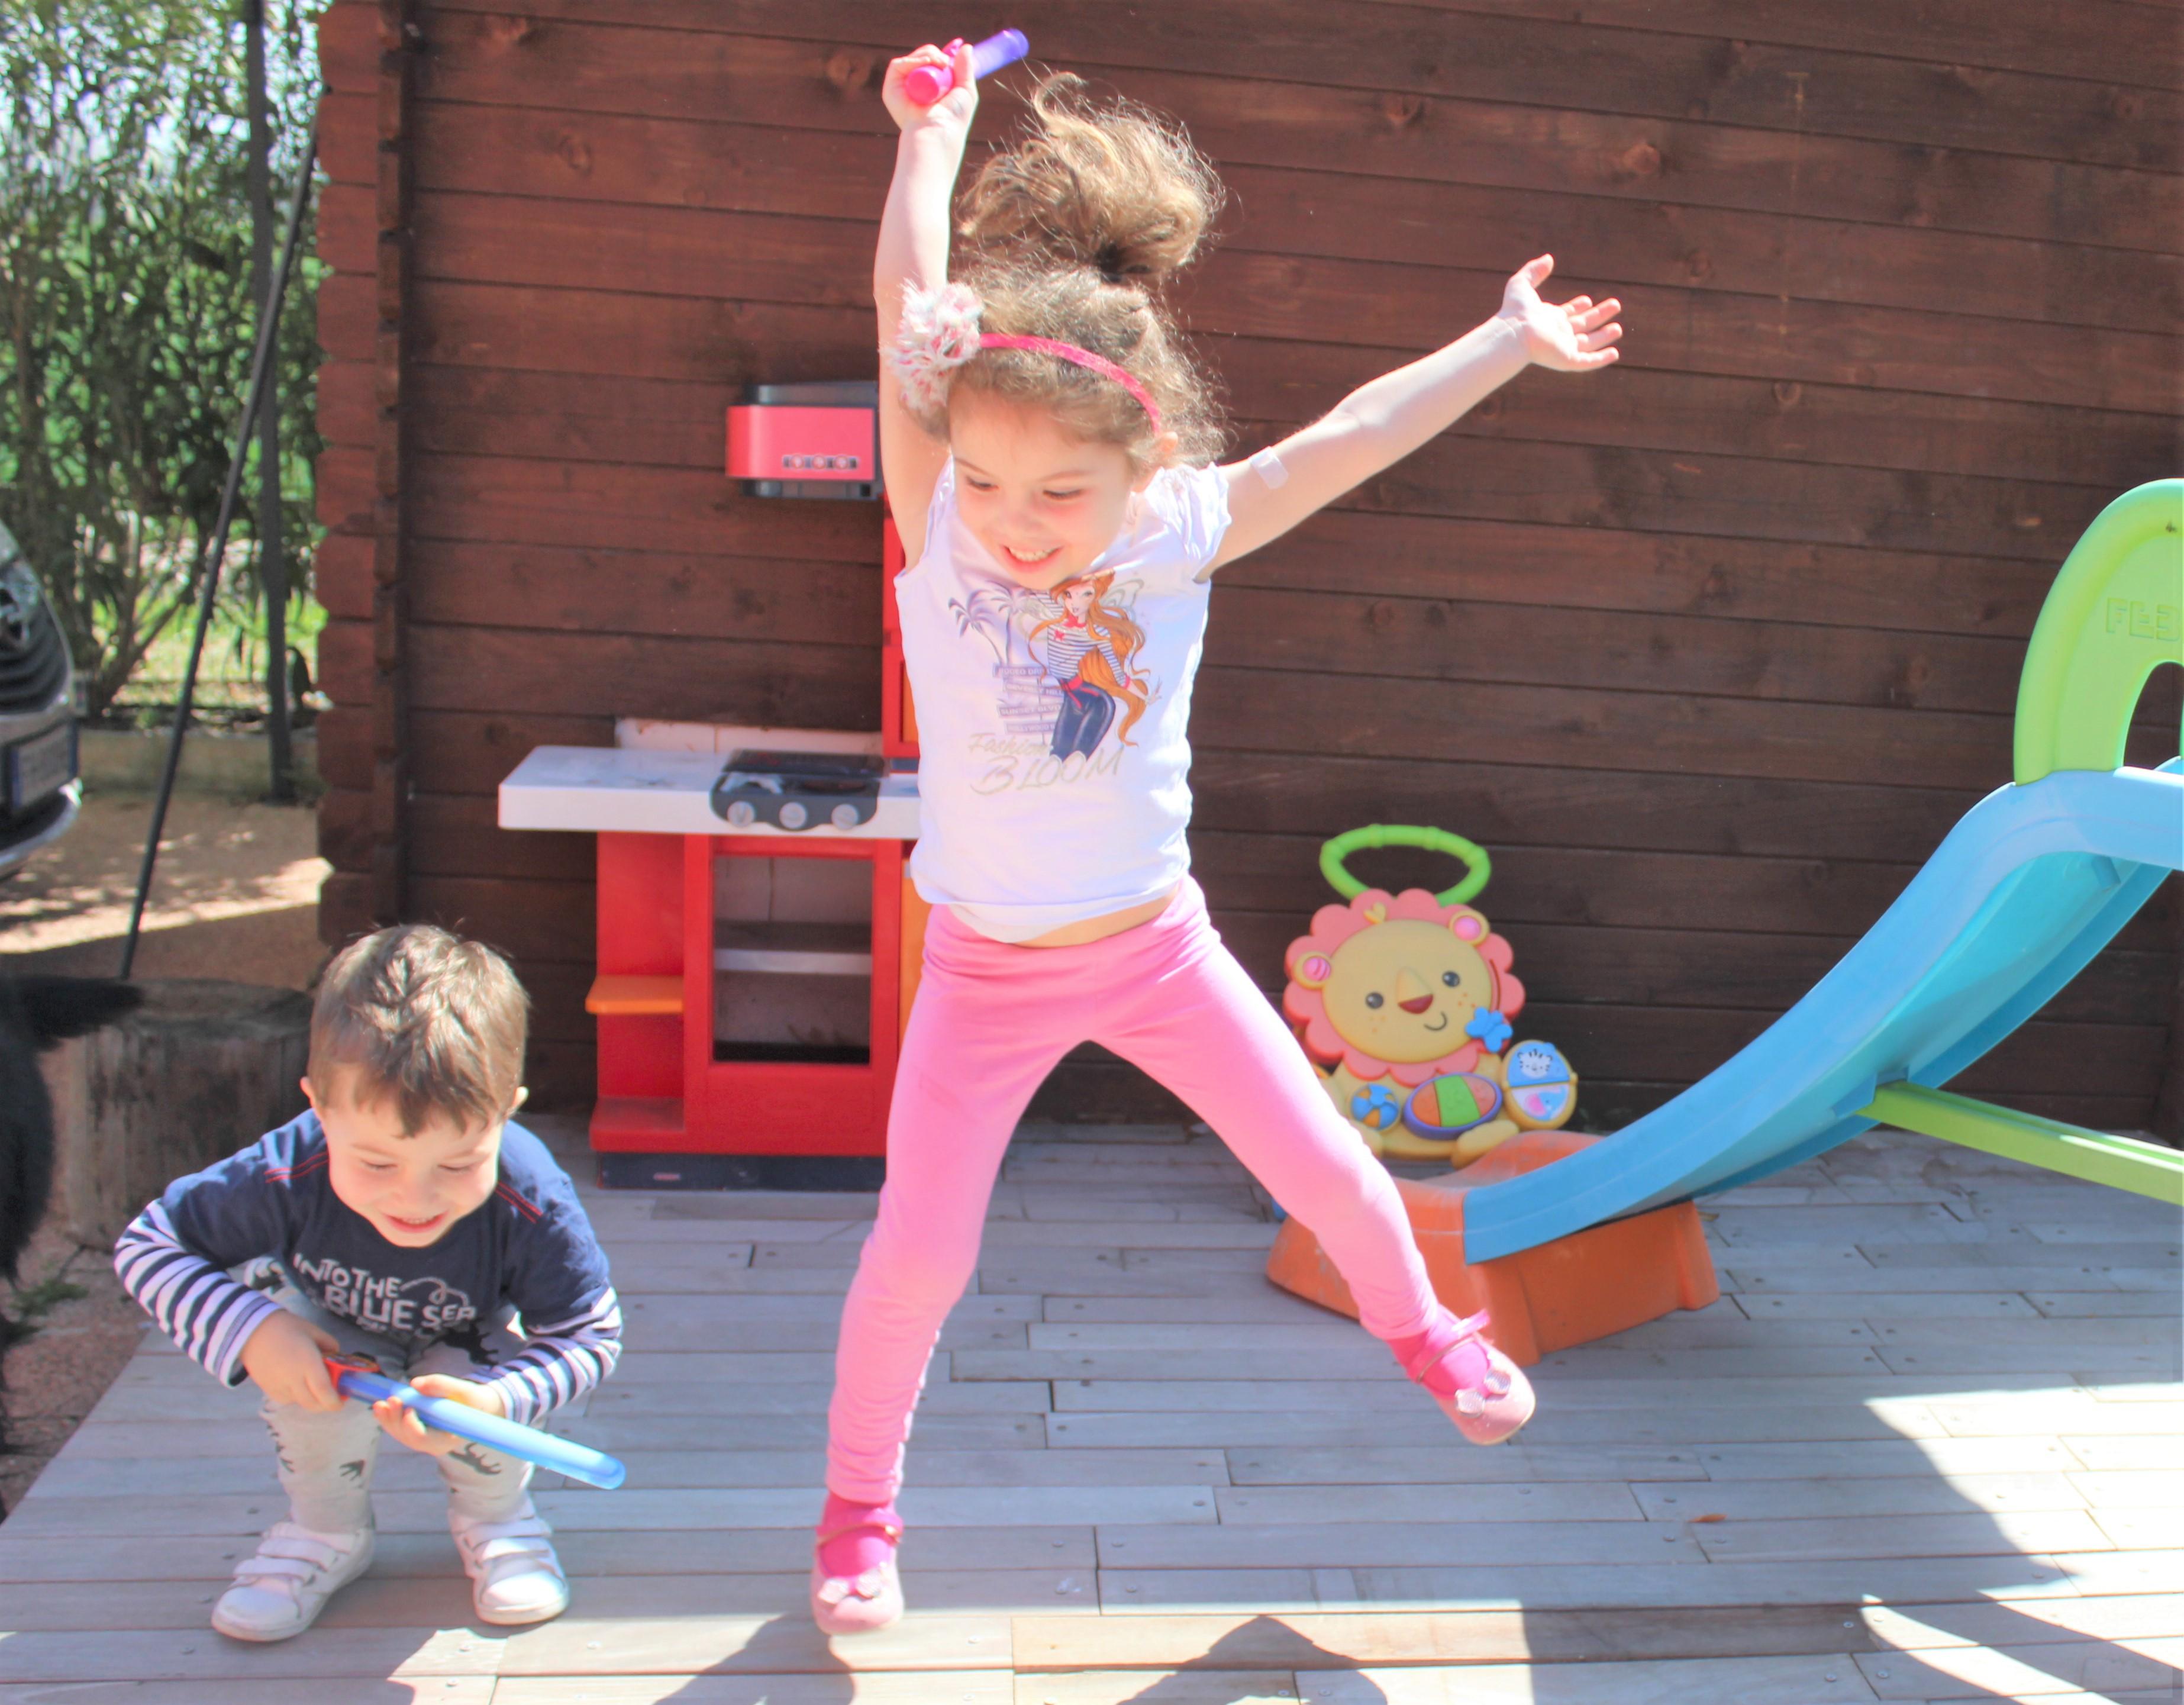 Le vacanze quando ci sono i bambini non sono le stesse di prima ma possono essere anche meglio